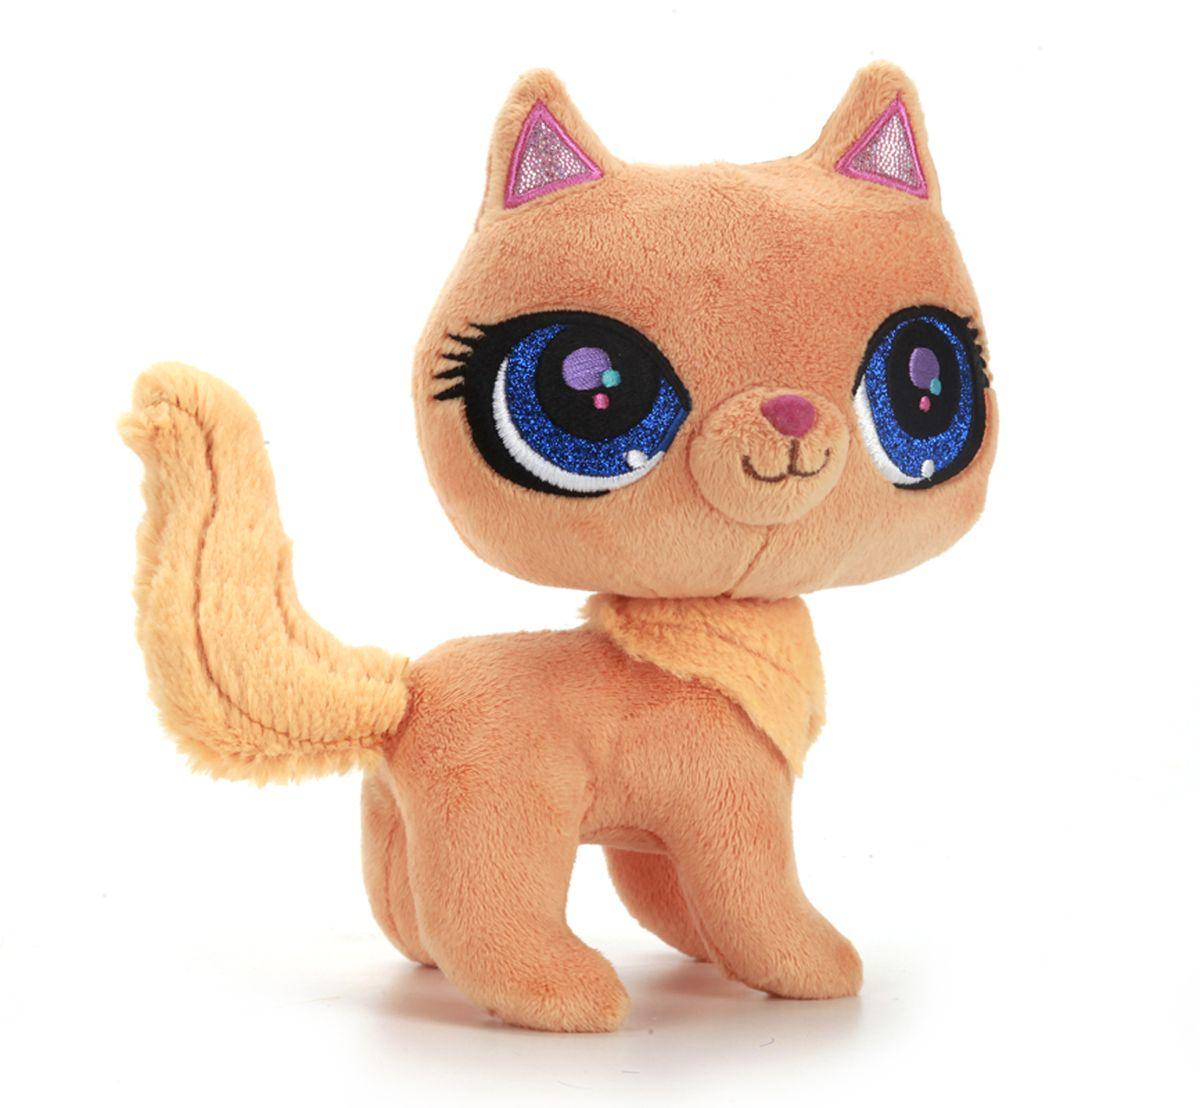 Мульти-Пульти Мягкая Игрушка Рыжая кошка Litttelest Pet ShopV27909/17Мягкая игрушка сама по себе ассоциируется с радостью и весельем, конечно, и для наших детей такой подарок станет поистине незабываемым. Забавные, добрые мягкие игрушки радуют детей с самого рождения. Ведь уже в первые месяцы жизни ребенок проявляет интерес к плюшевым зверятам и необычным персонажам. Сначала они помогают ему познавать окружающий мир через тактильные ощущения, знакомят его с животным миром нашей планеты, формируют цветовосприятие и способствуют концентрации внимания.